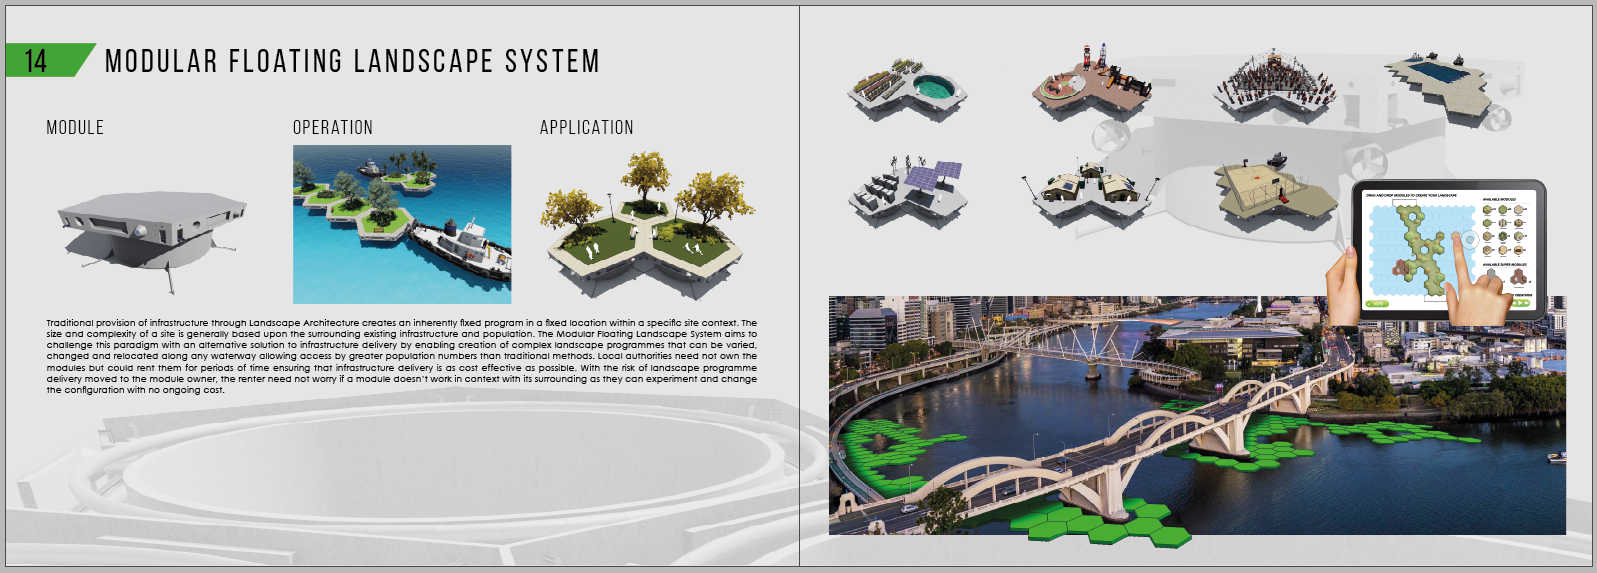 Steve Niven | Modular Floating Landscape System